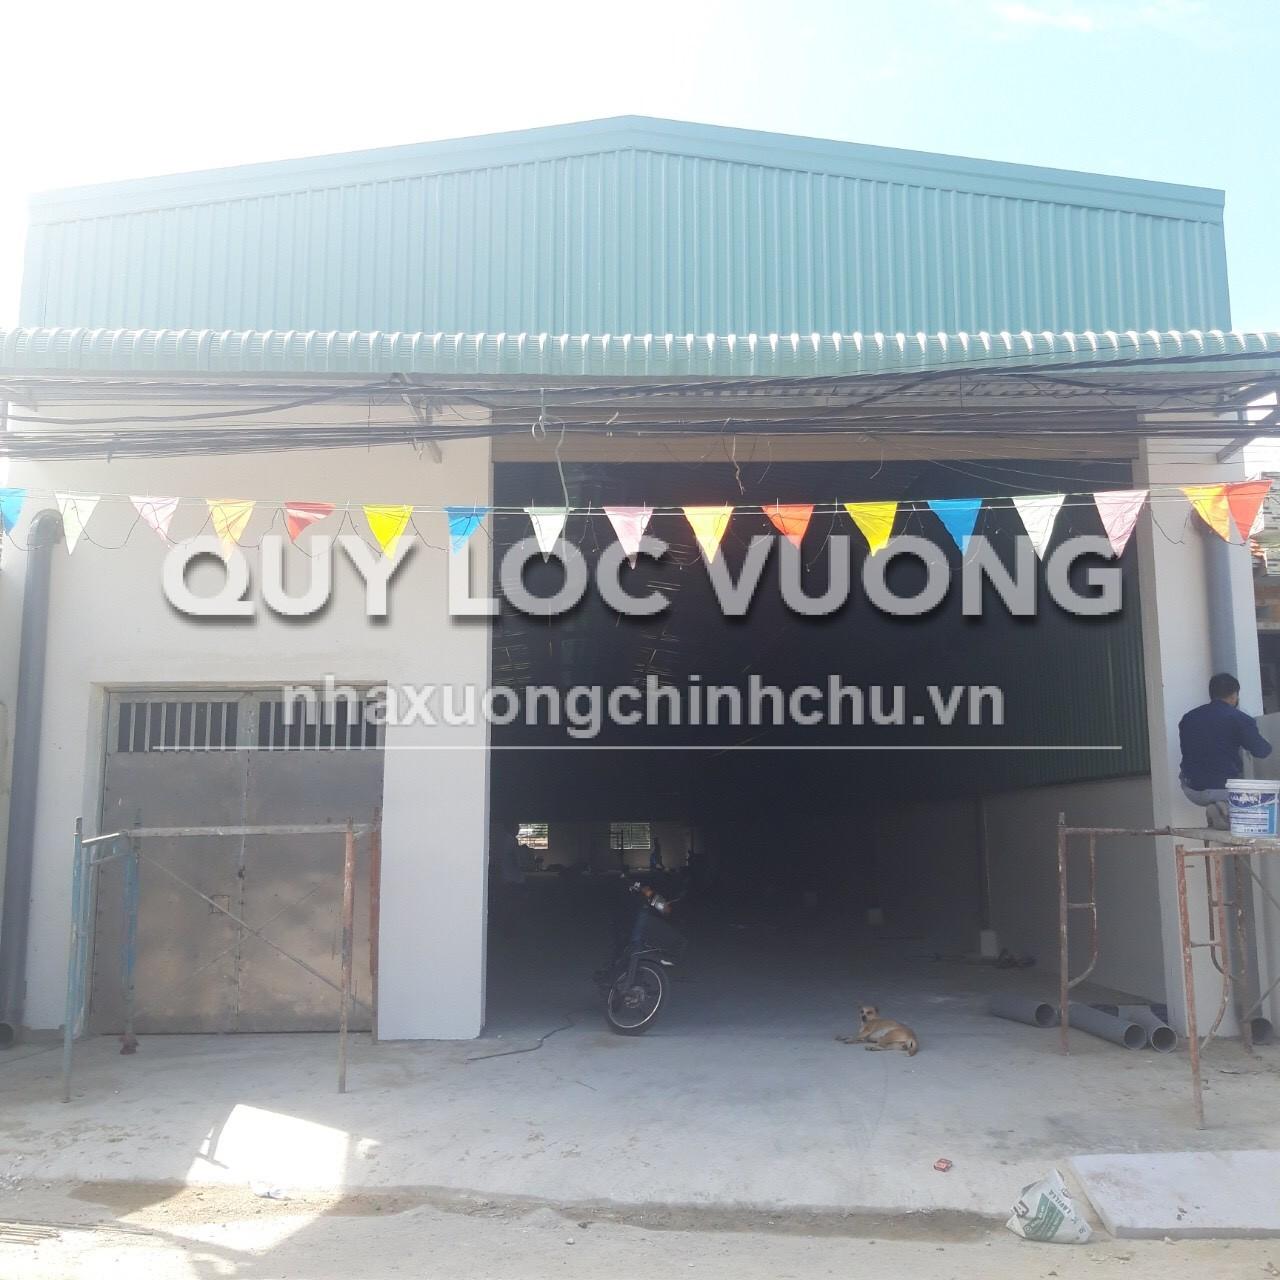 Cho thuê xưởng phường Tân Biên thành phố Biên Hòa Đồng Nai rộng 600m2